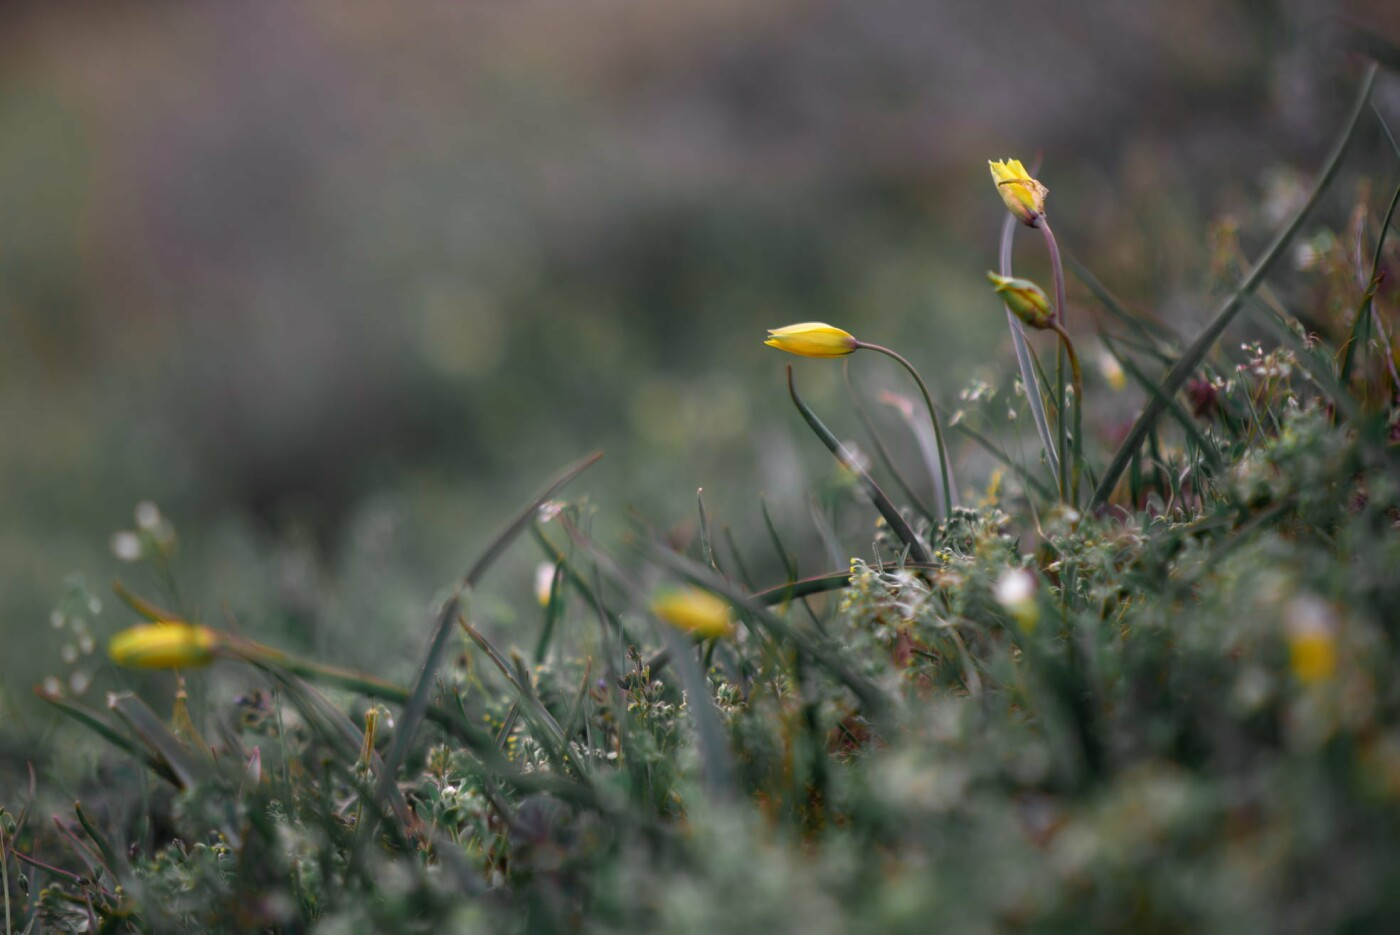 На закате и после грозы: запорожские фотографы делятся снимками цветущей Хортицы, - ФОТО, фото-10